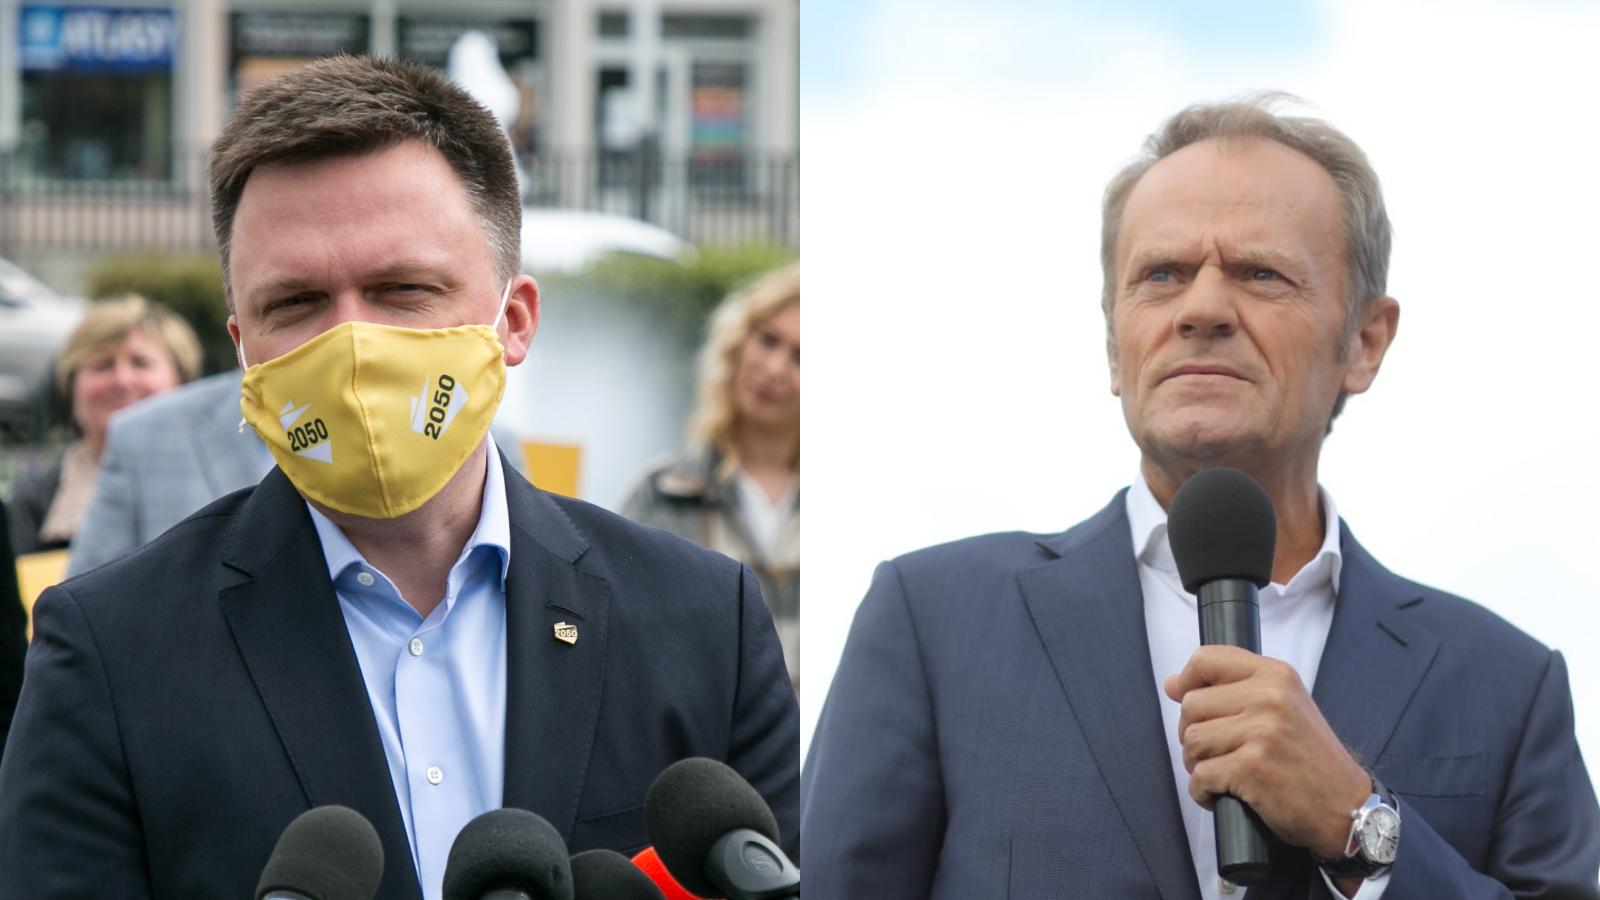 Hołownia do Tuska: Odradzam układanki z PiS, Kaczyński nie jest partnerem do zmiany